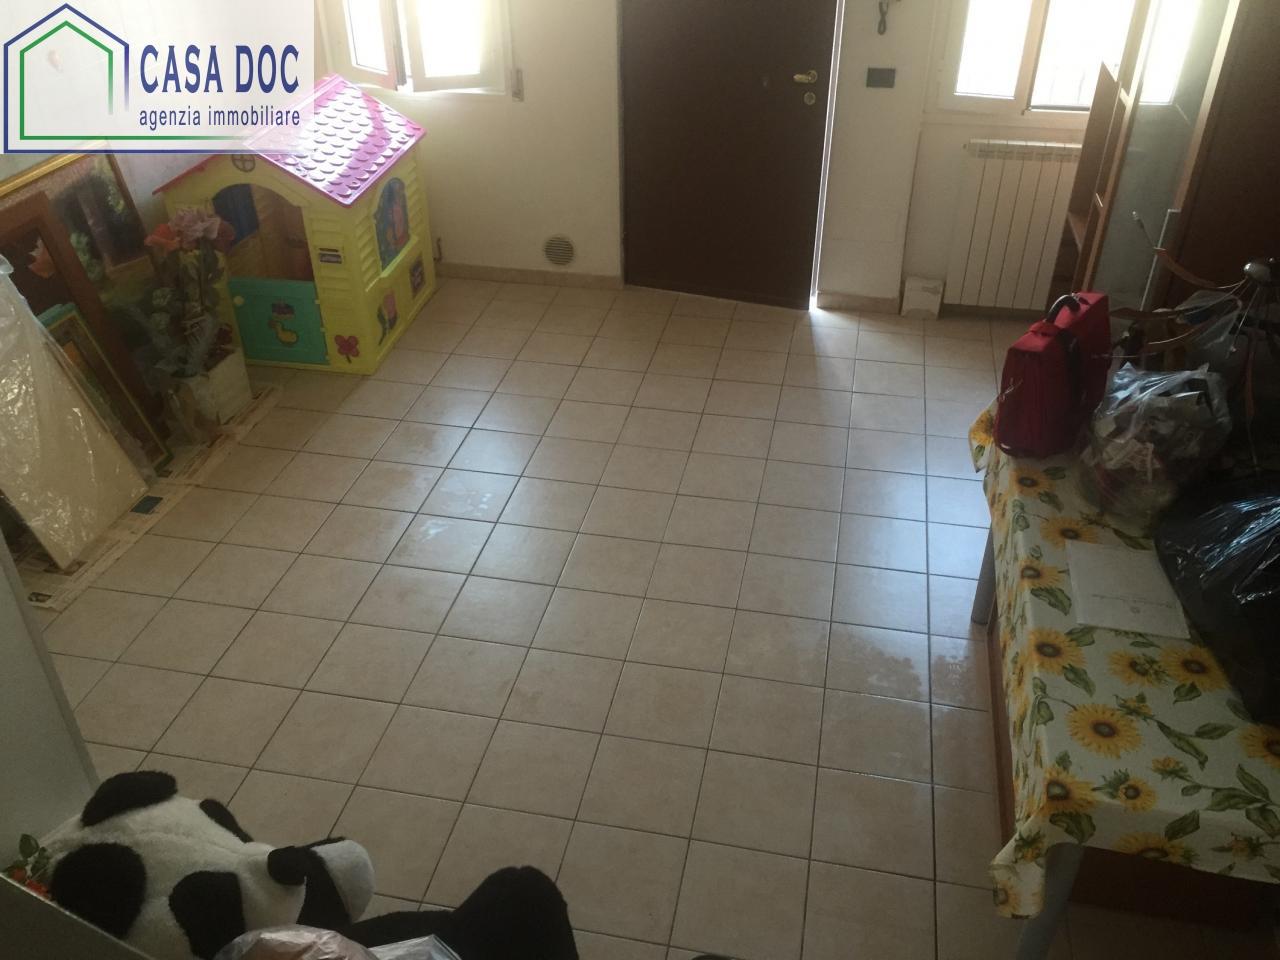 Appartamento in affitto a Magherno, 2 locali, prezzo € 400 | Cambio Casa.it